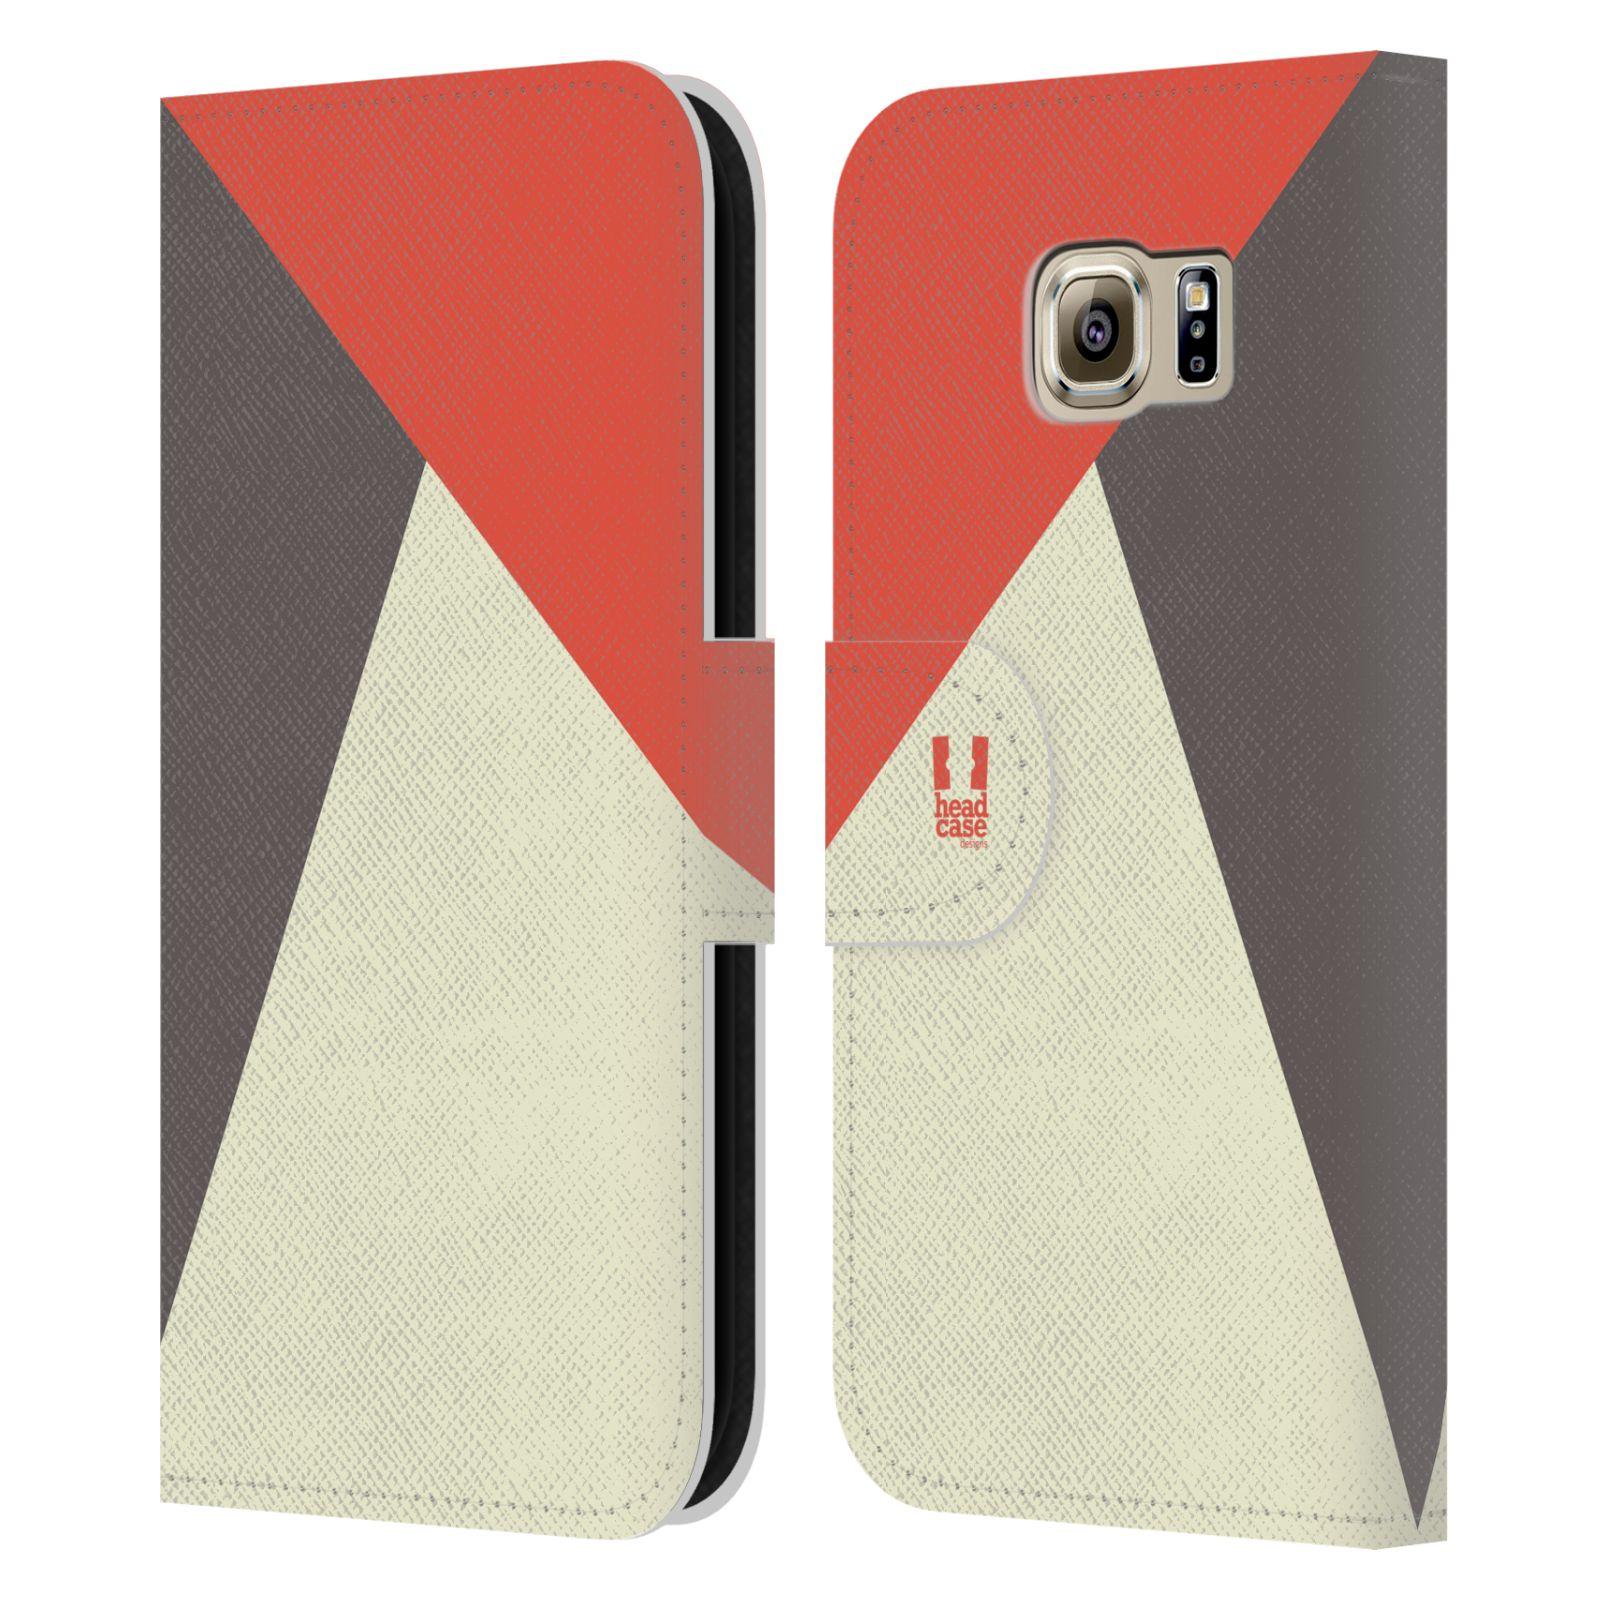 HEAD CASE Flipové pouzdro pro mobil Samsung Galaxy S6 barevné tvary červená a šedá COOL